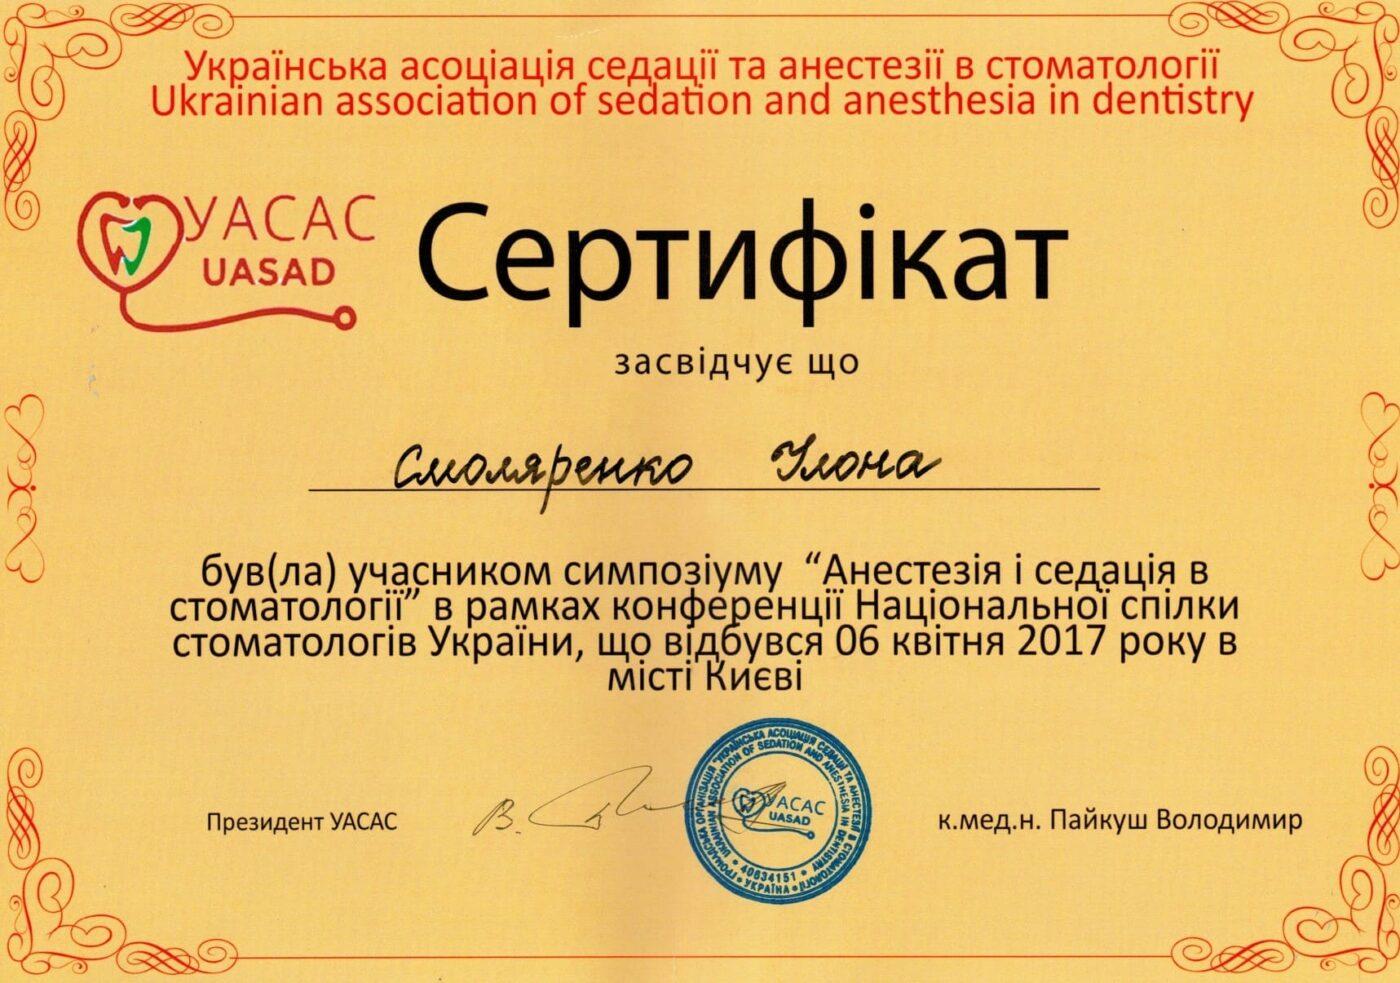 Сертификат подтверждающий участие Илоны Смоляренко в курсе - Анестезия и седация в стоматологии